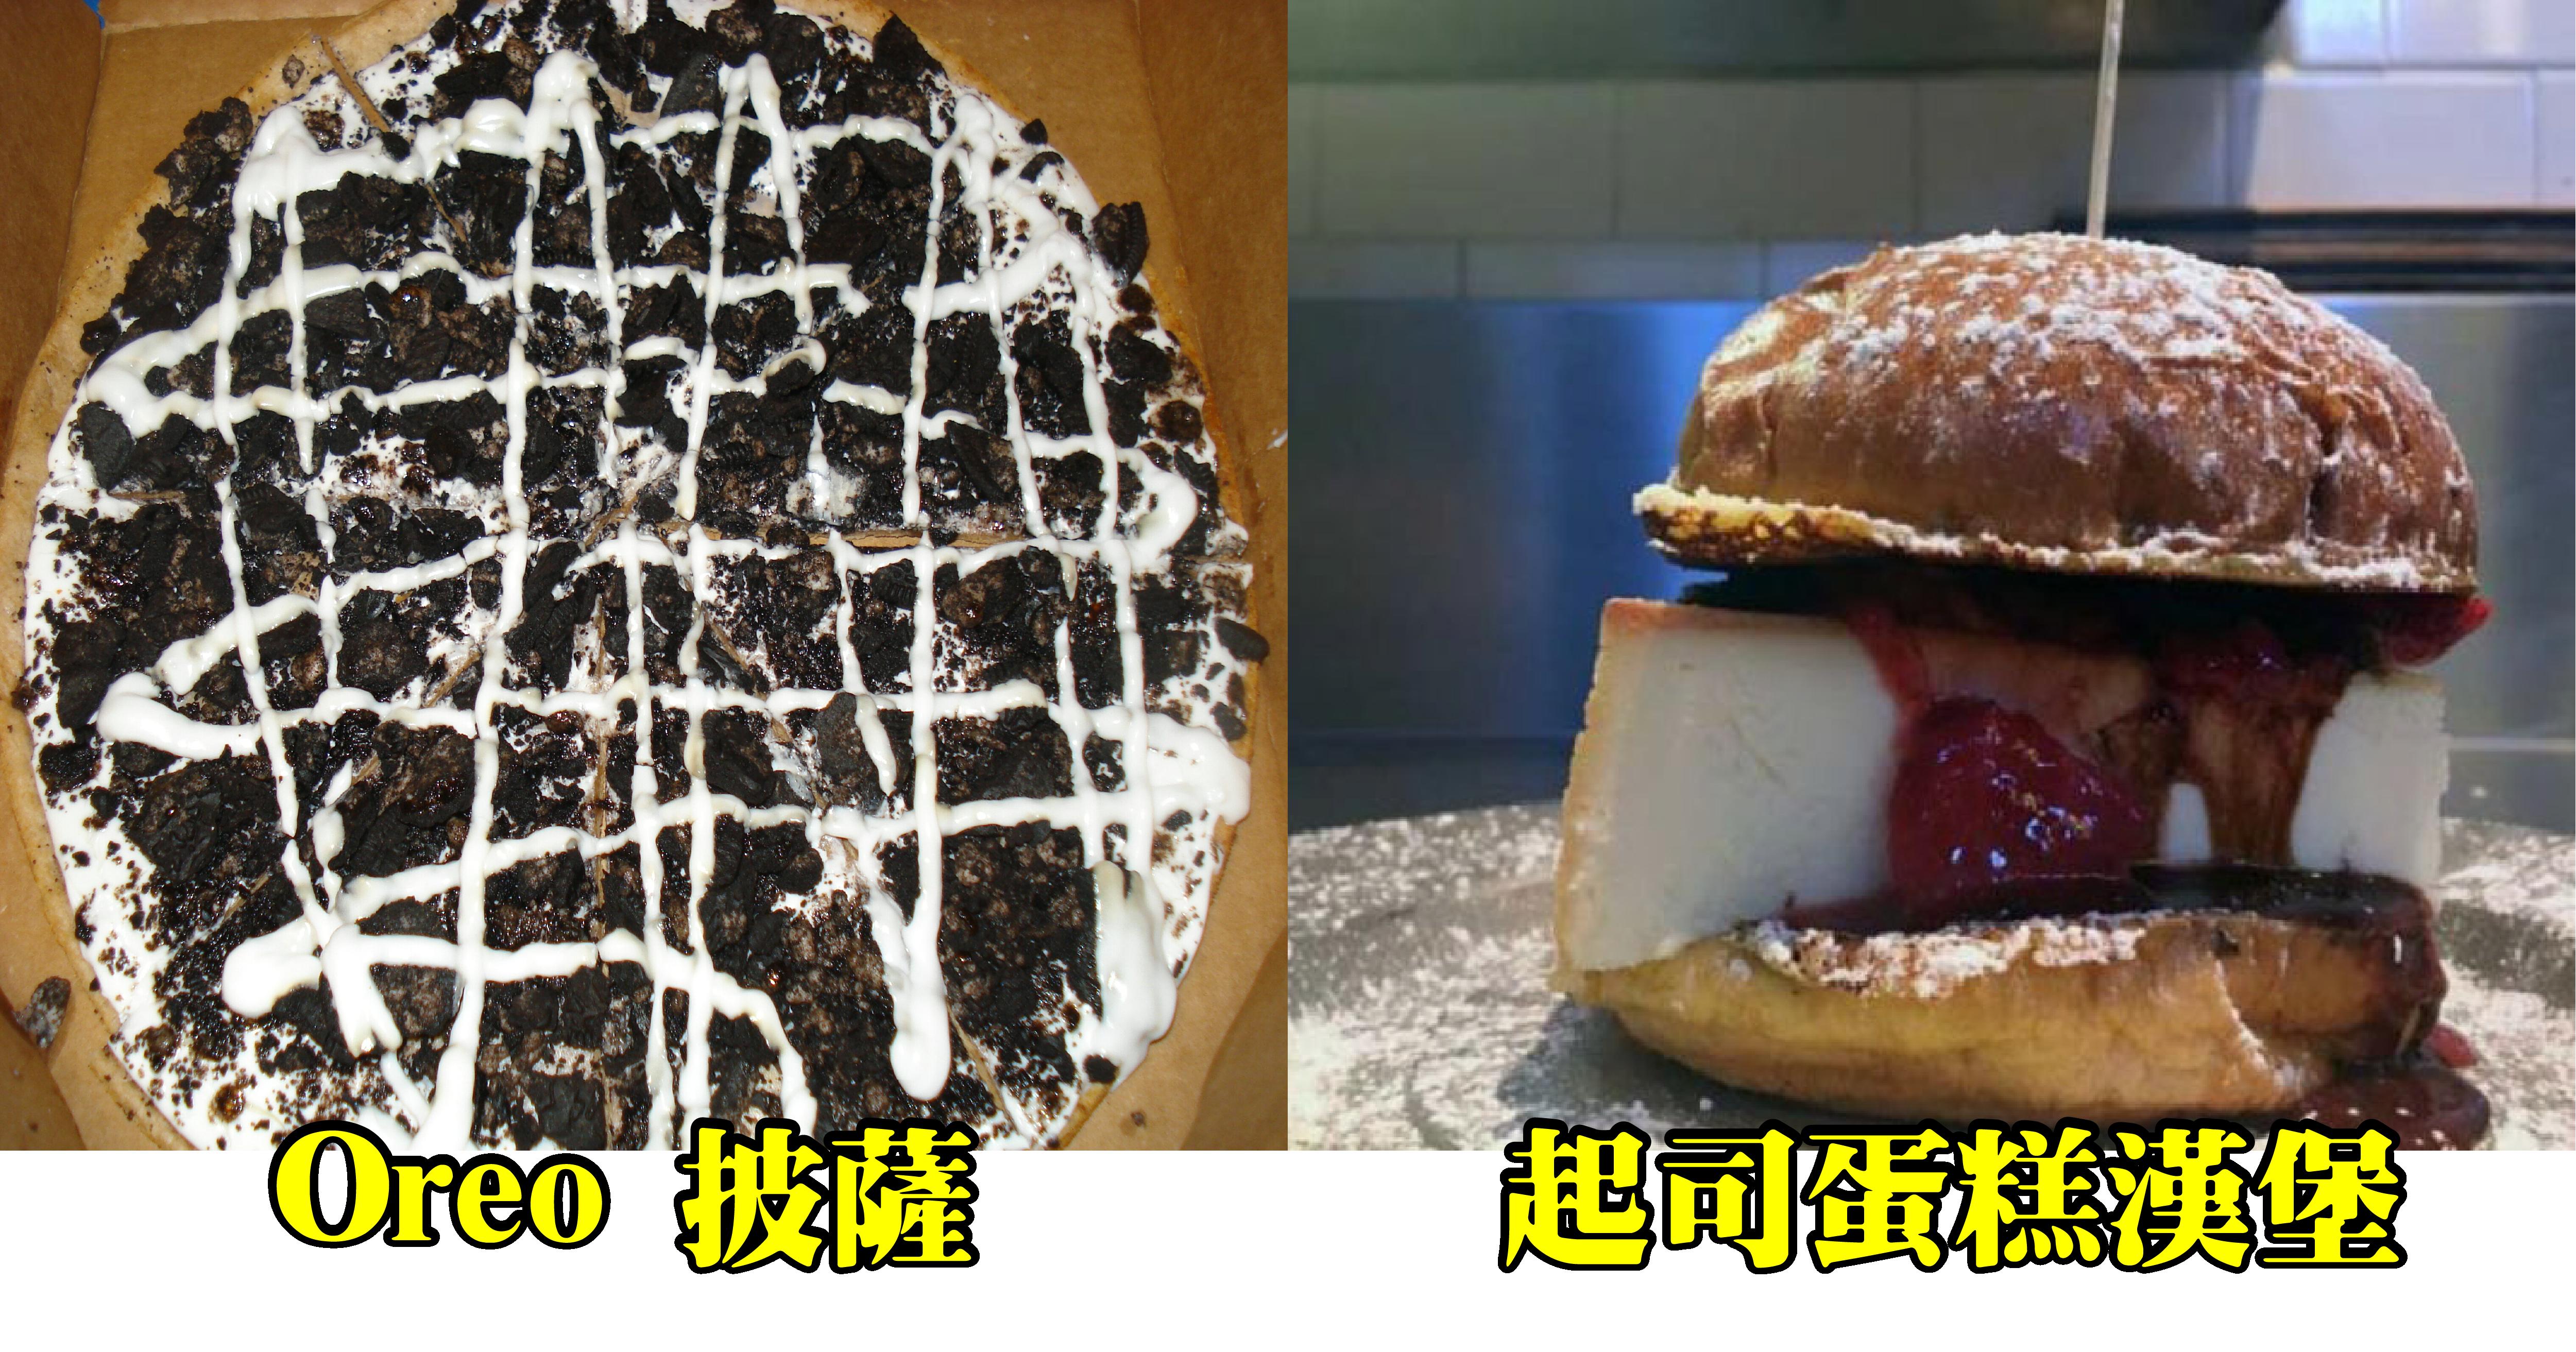 e5b081e99da2 e5b7a5e4bd9ce58d80e59f9f 2 1.png - 10款超狂的食物吃法!Oreo 披薩 v.s 起司蛋糕漢堡佐番茄醬,你選哪一道?